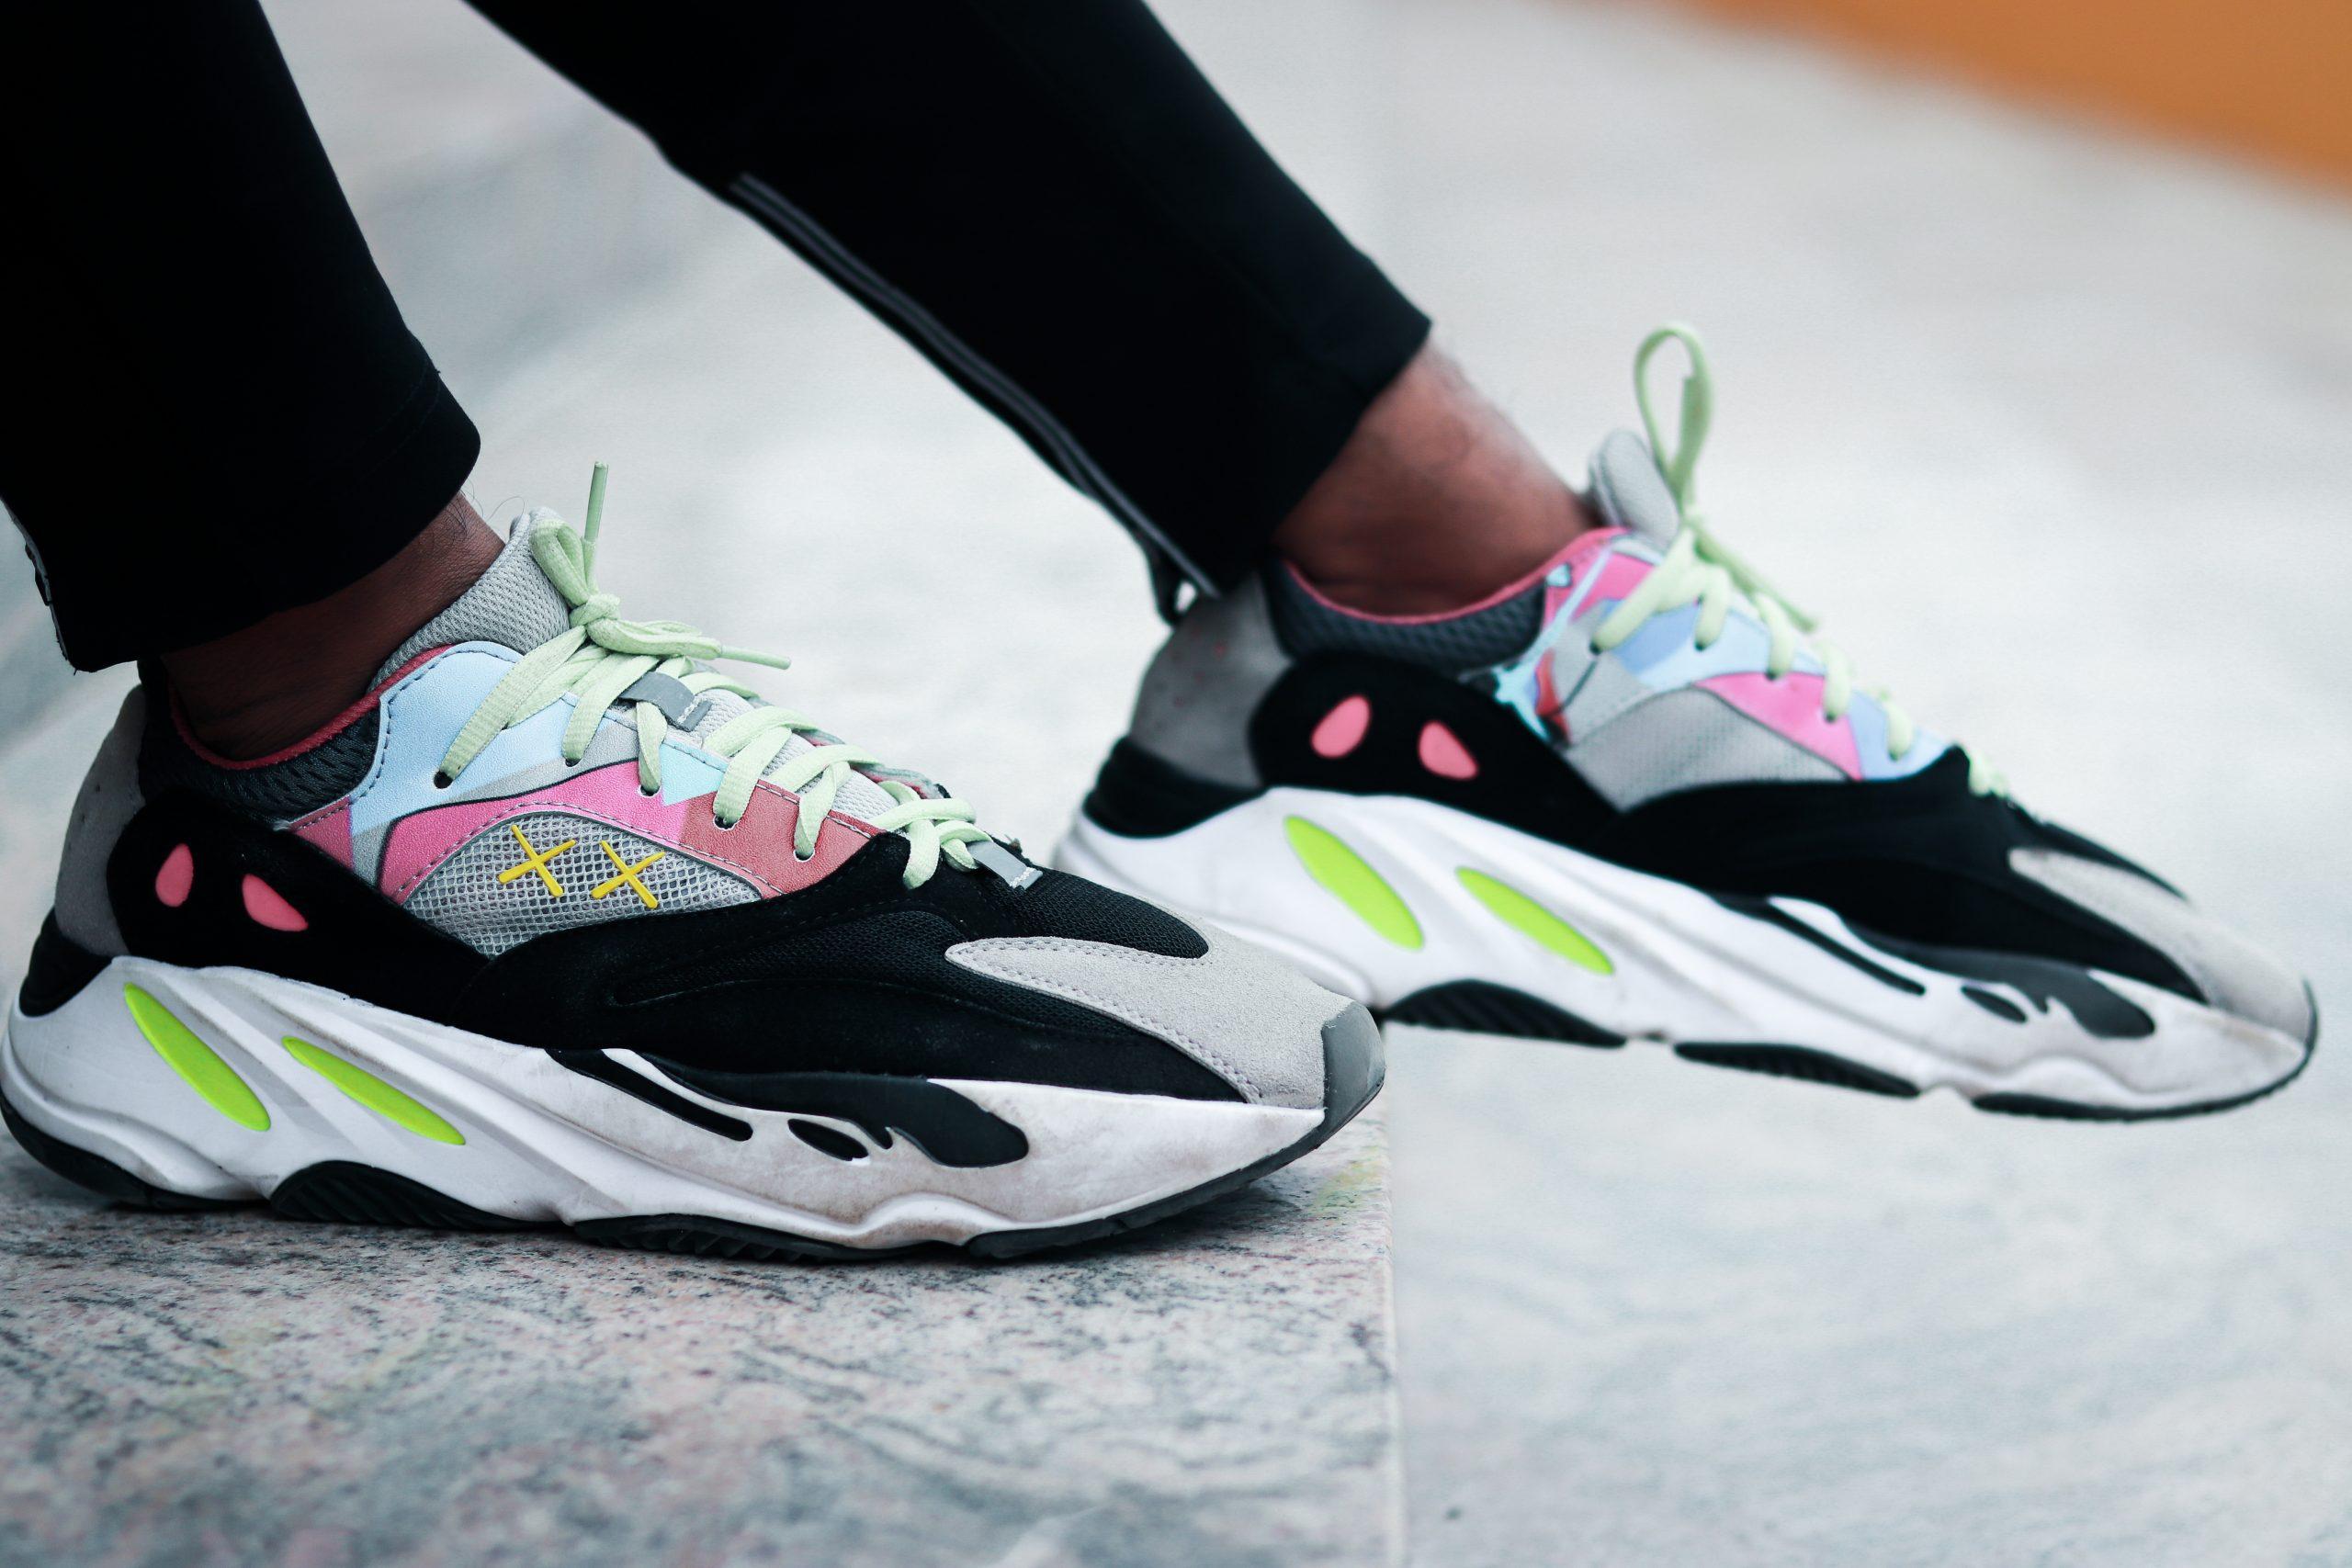 Adidas hybrid sneakers.